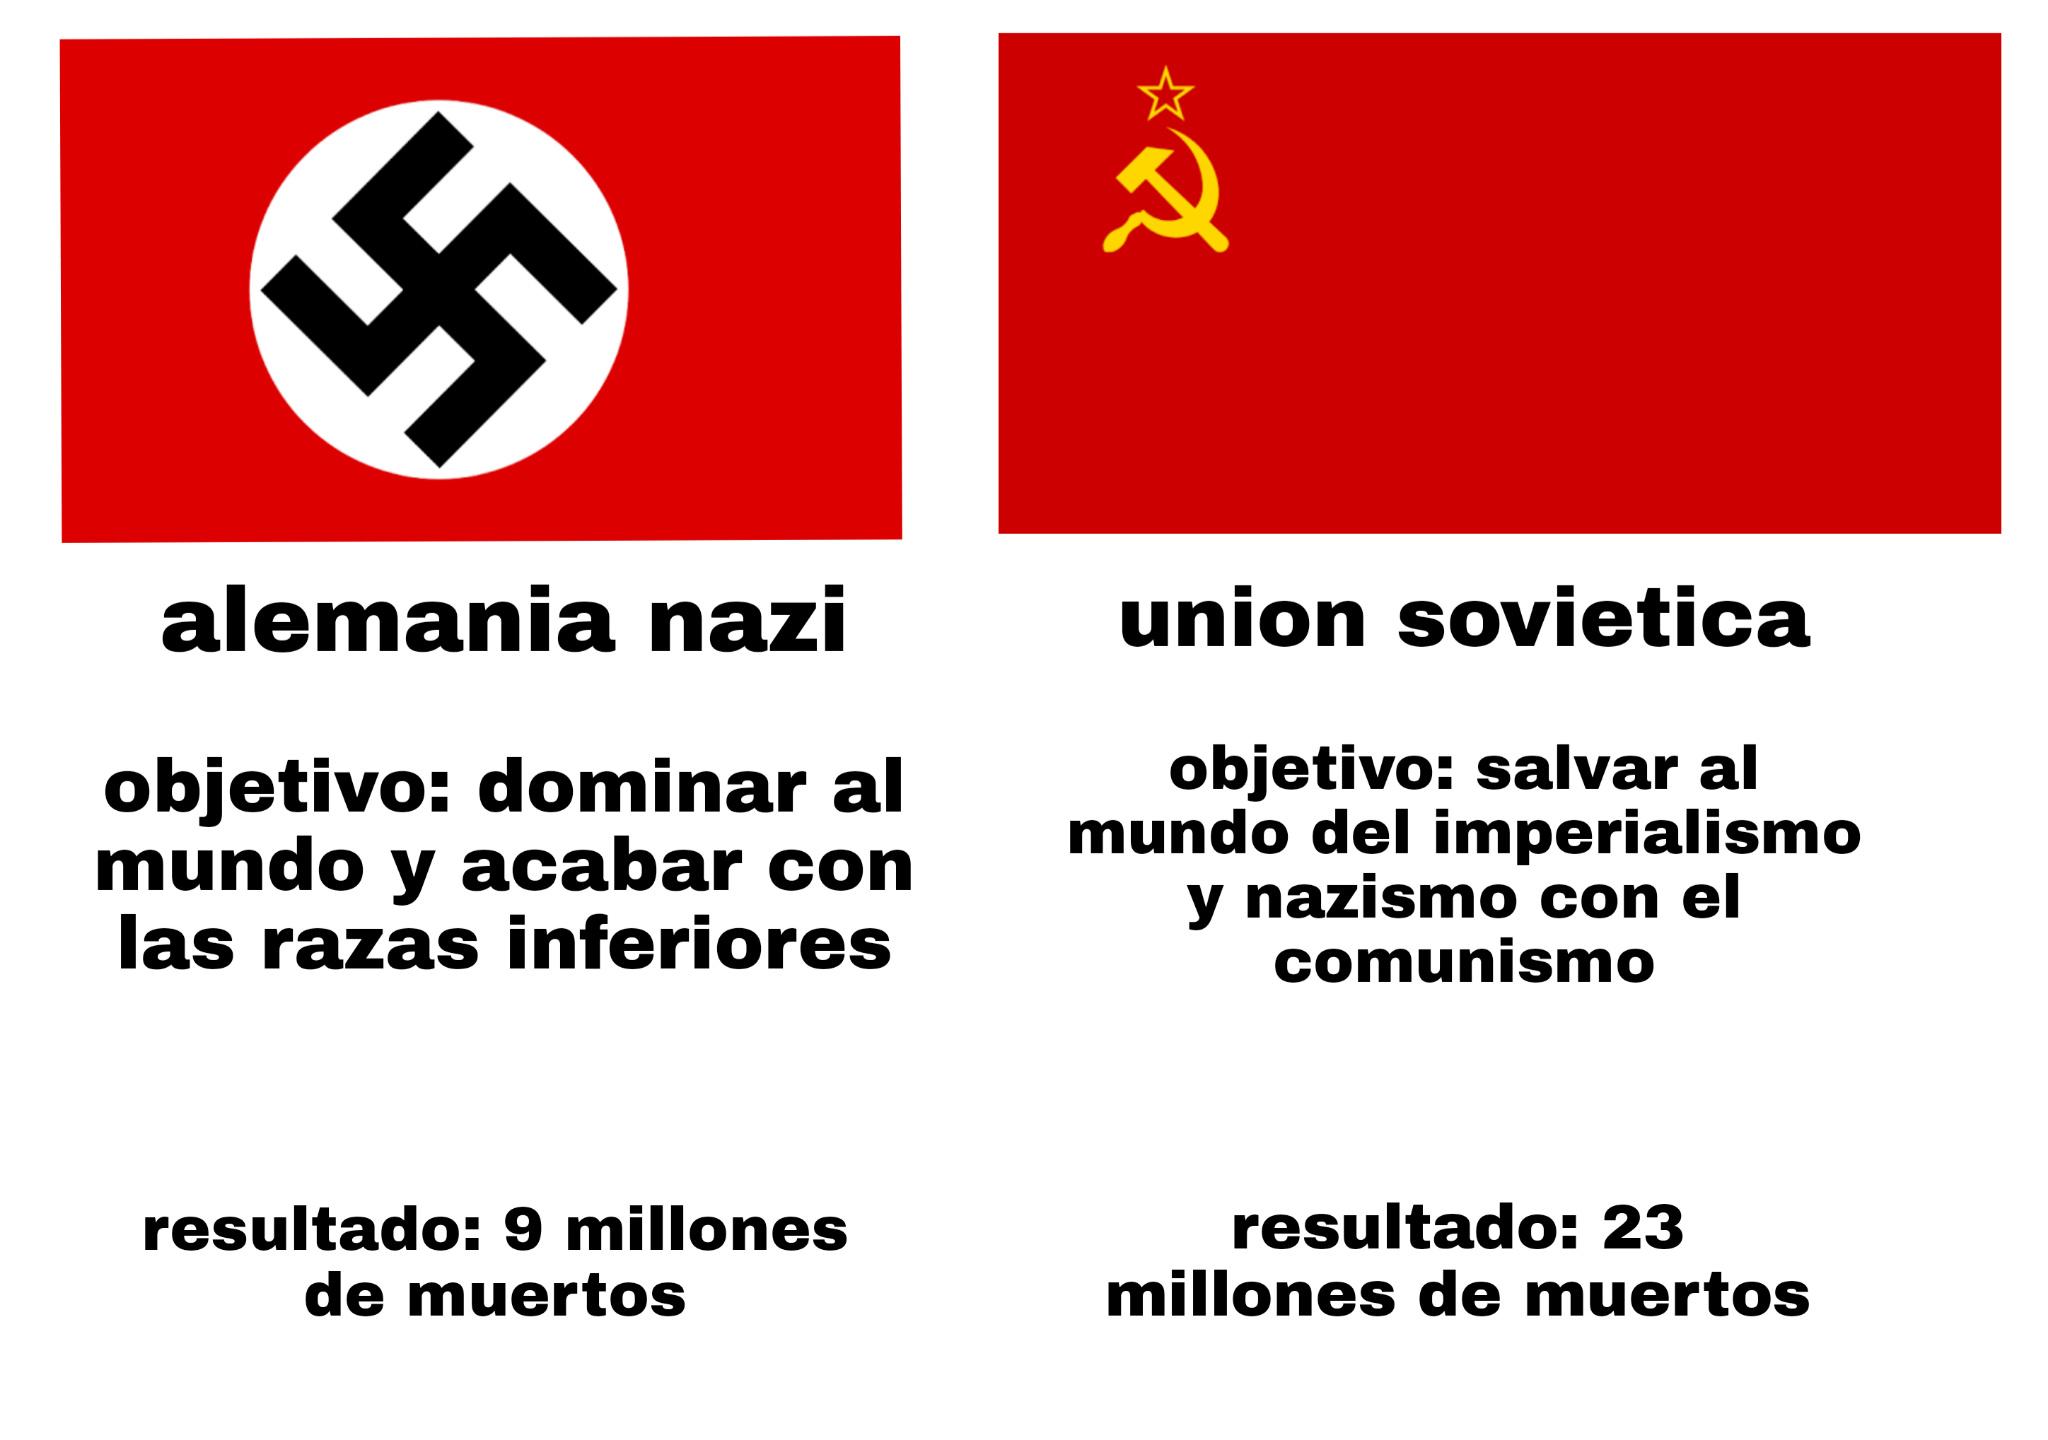 Nazis vs union Soviética - meme